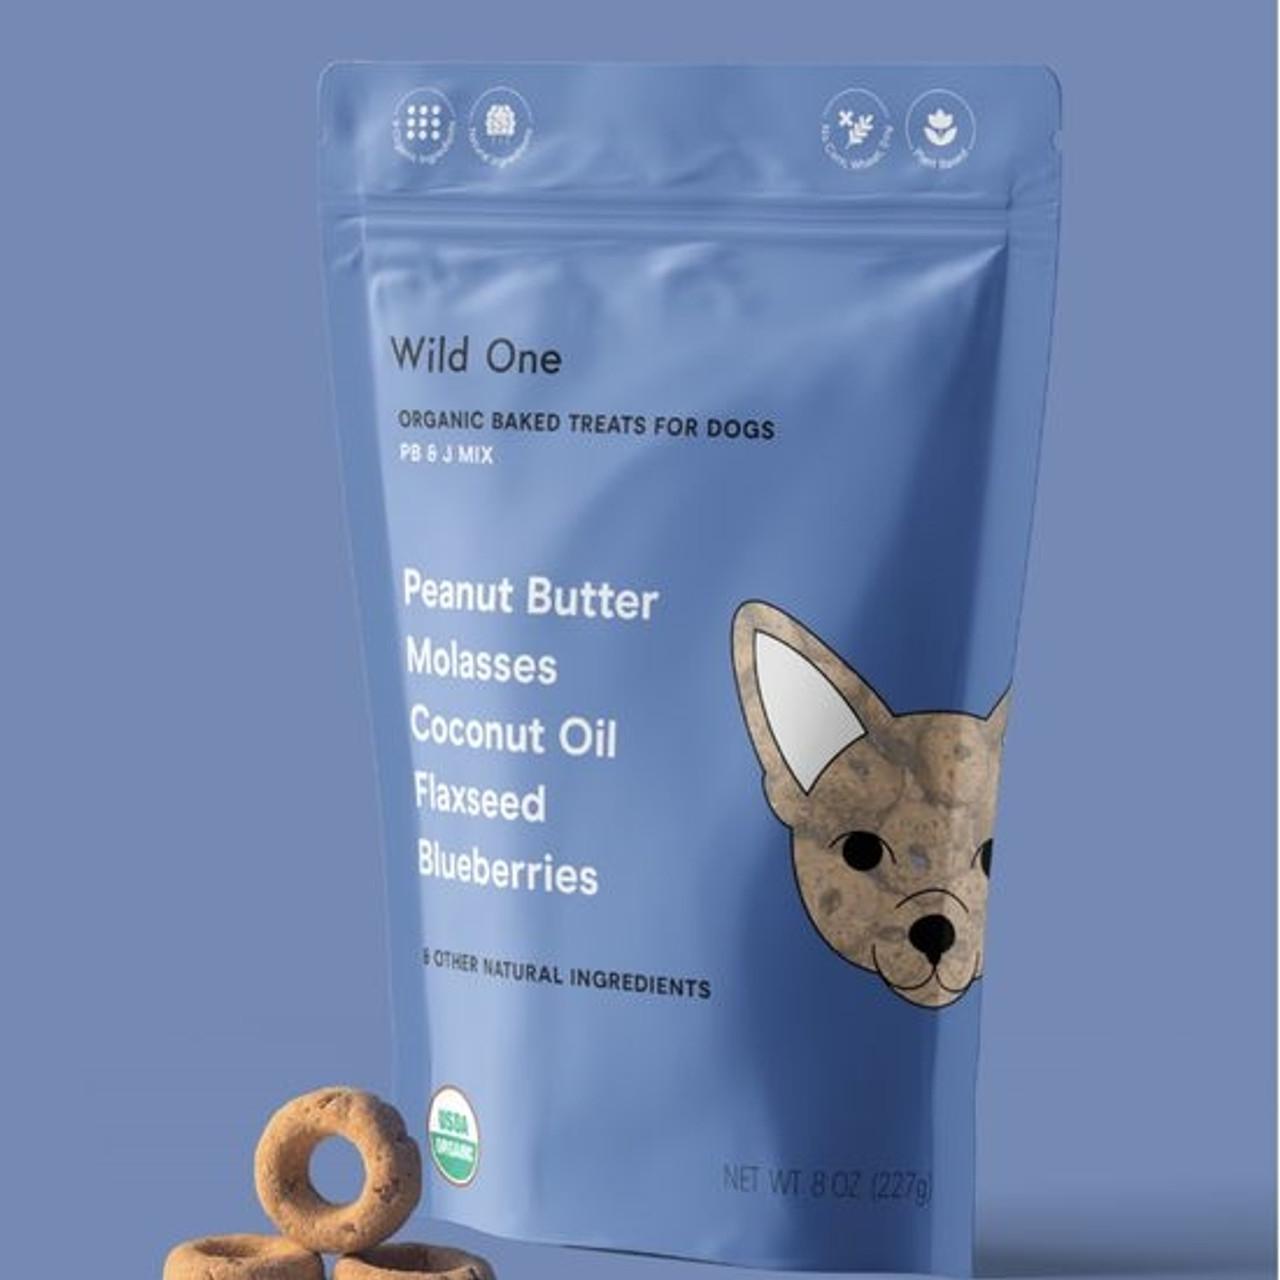 Organic Baked Dog Treats - PB&J